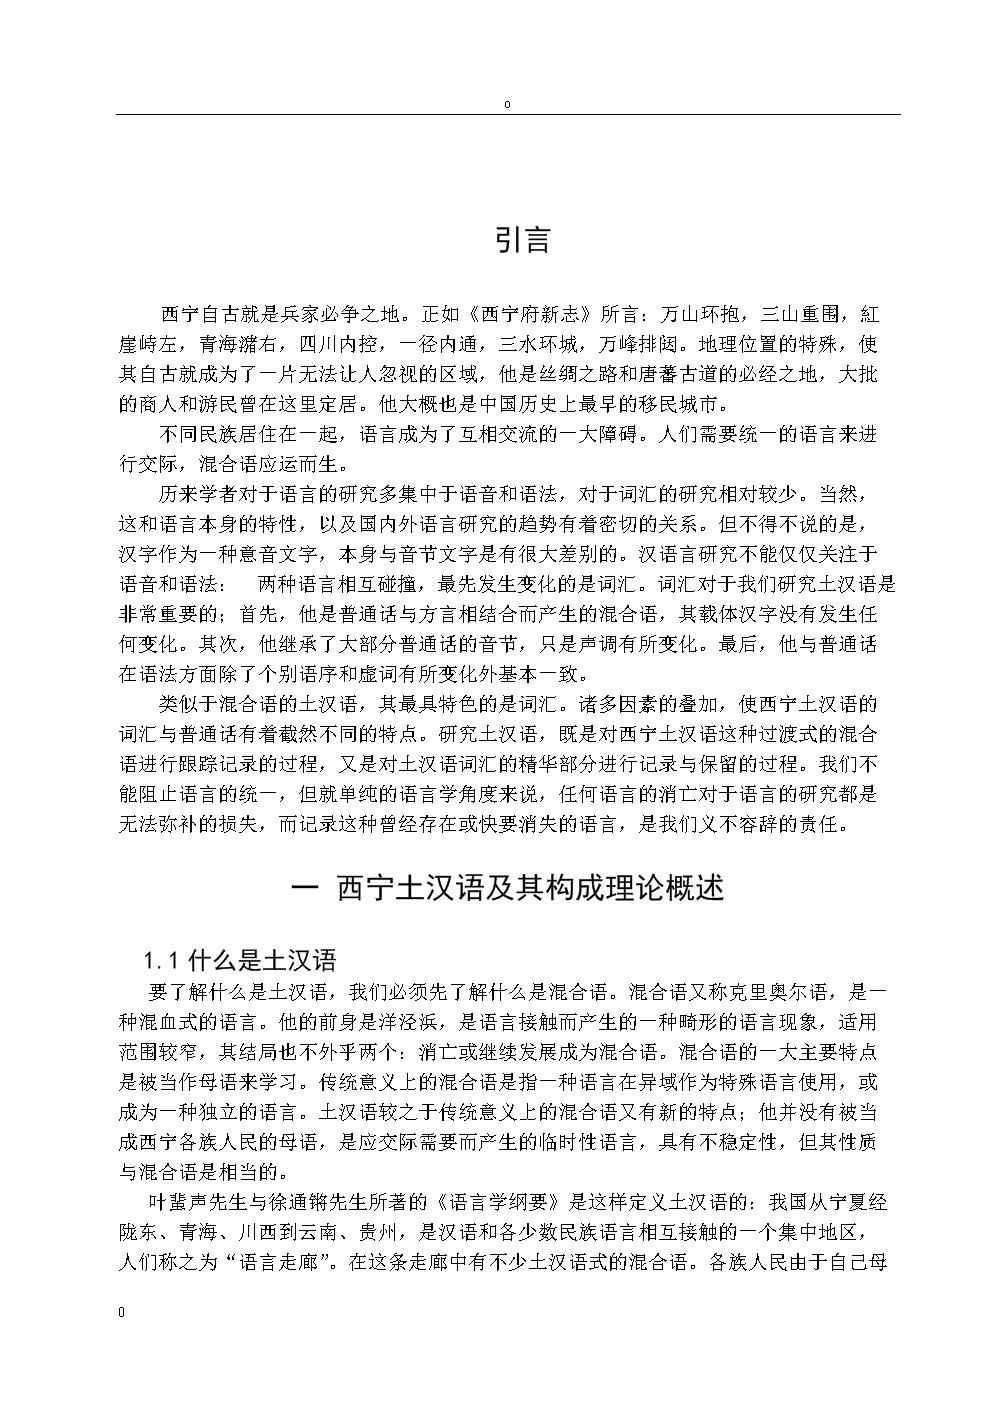 方言比较毕业论文.doc